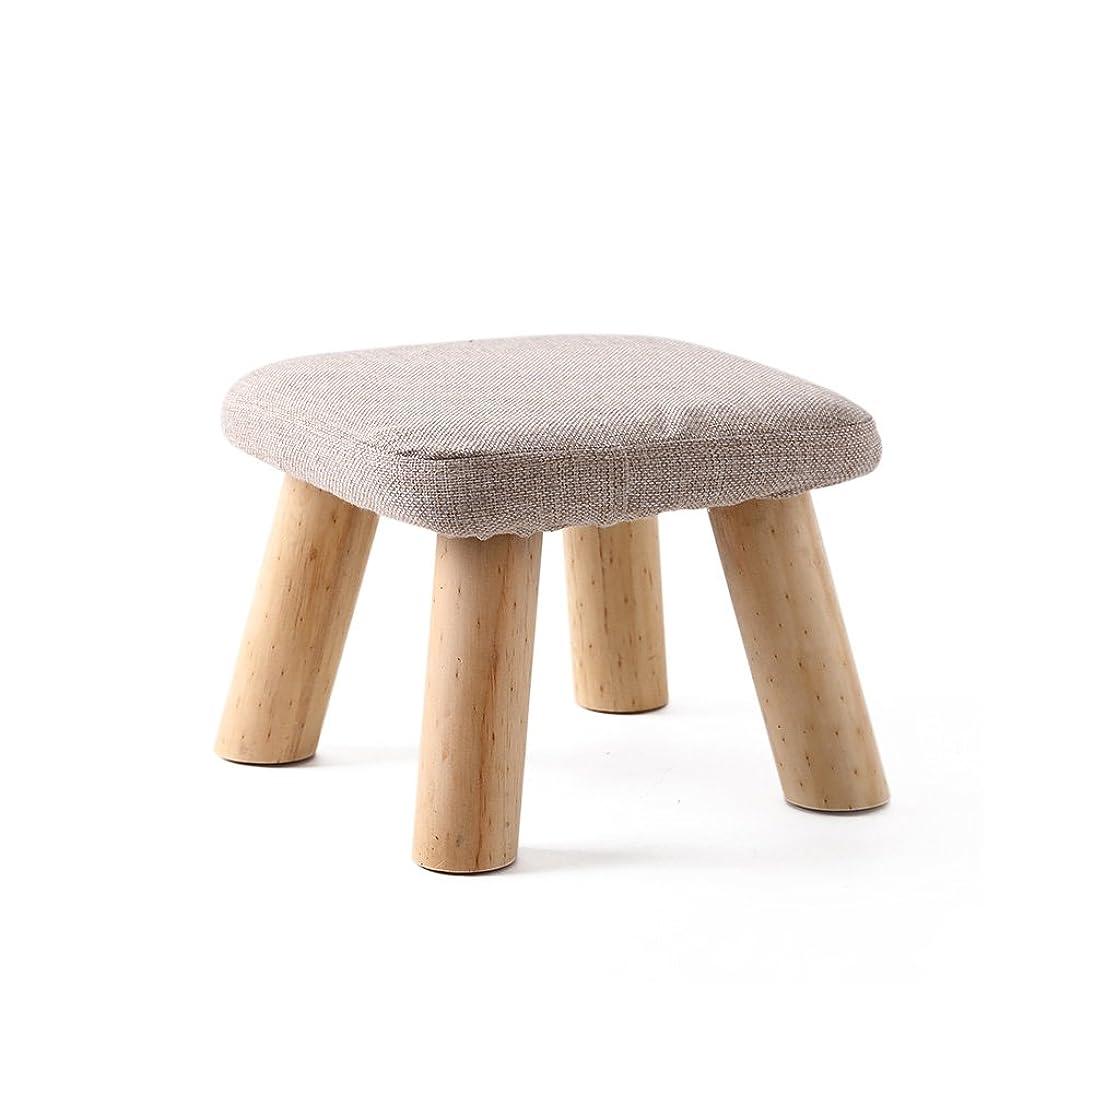 フリル文明化する圧縮キッズスツール Baffect 木製子供椅子チェア 完成品 天然ブナの木製 木目調 耐荷重200kg キッズ家具?ベビー?子供部屋?和風室に合わせ (グレー)